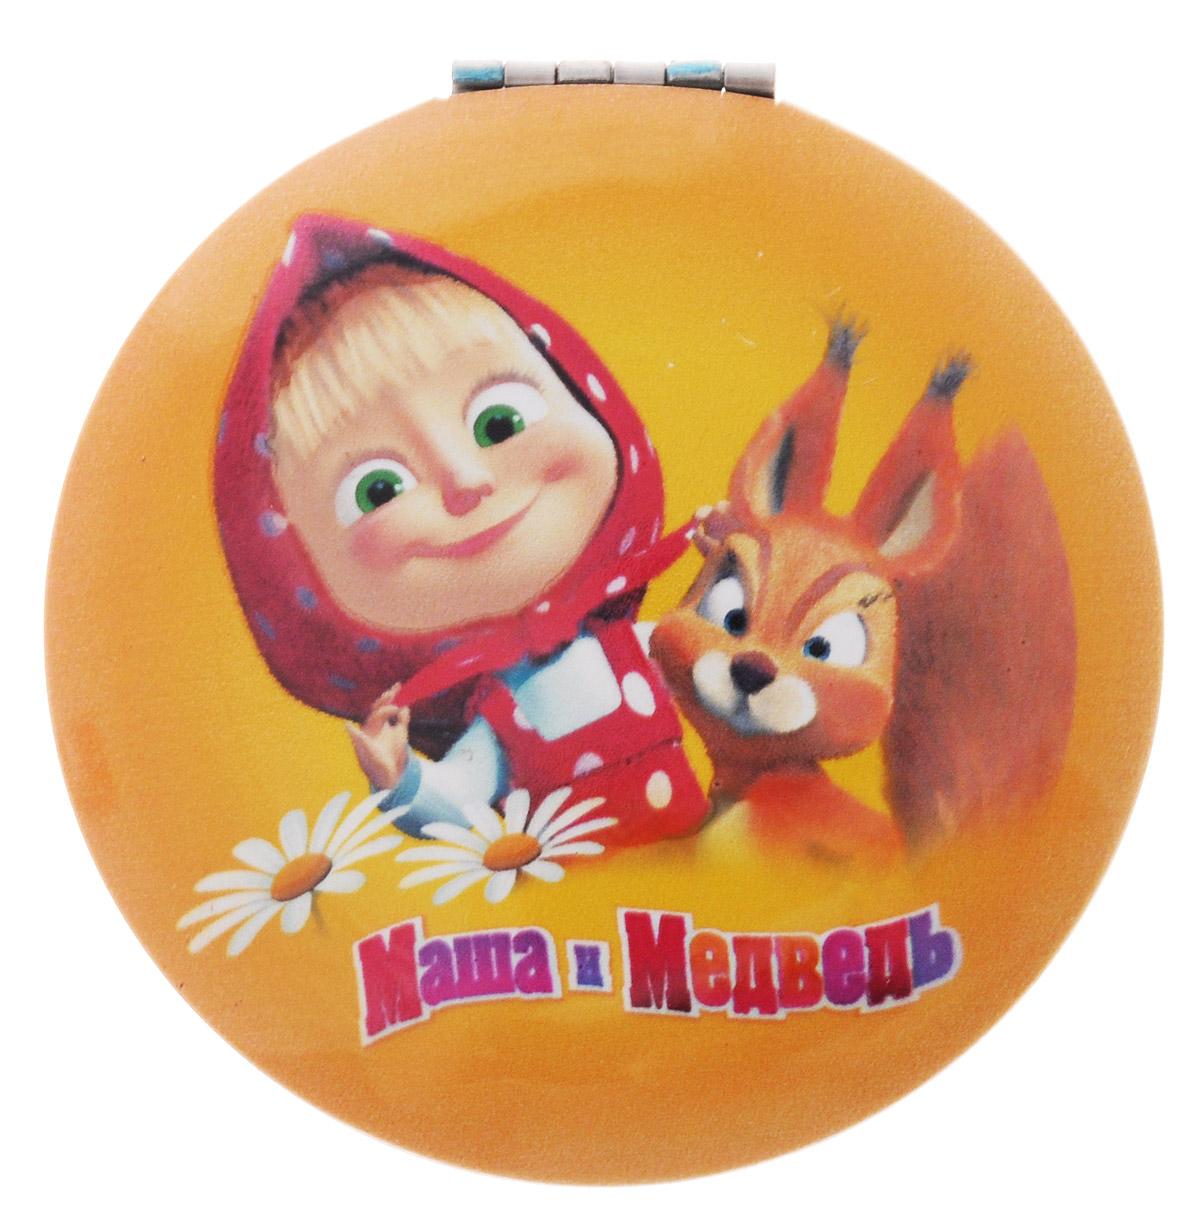 Маша и Медведь Зеркало карманное331045Карманное зеркало Маша и Медведь, выполненное в круглом пластиковом корпусе, декорировано изображением главной героини мультфильма Маша и Медведь - Маши и белочки.Такое зеркало станет отличным подарком маленькой представительнице прекрасного пола, ведь даже самая маленькая леди обязательно вместит в свою сумочку миниатюрное зеркальце - атрибут каждой модницы.